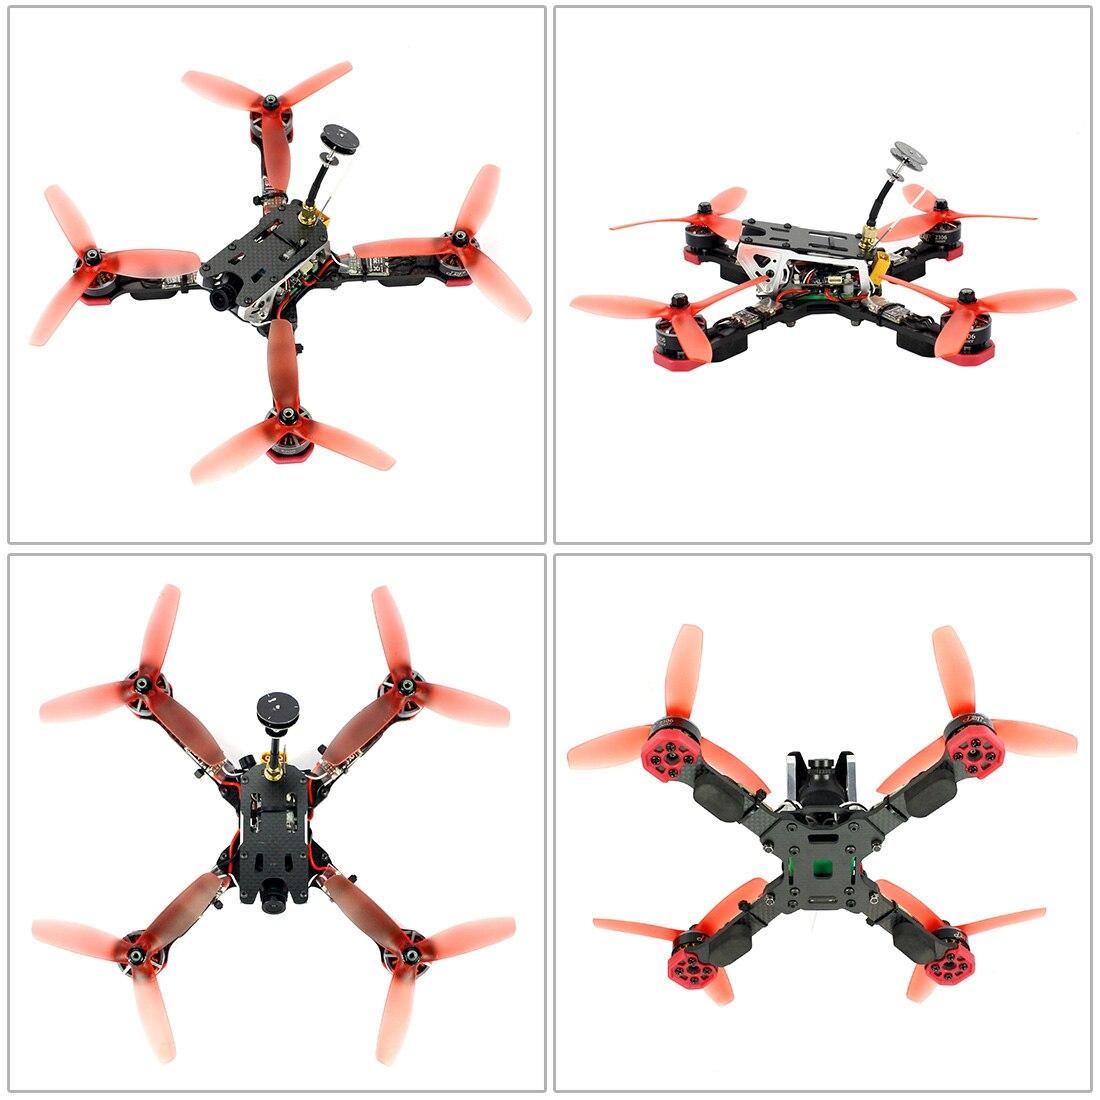 Żaba 218mm 2.4G 6CH RC Racer Drone RTF Betaflight F4 Pro V2 BLHeli s 30A 5.8G 25/200/400mW VTX Mini 700TVL kamery FPV Quadcopter w Helikoptery RC od Zabawki i hobby na  Grupa 3